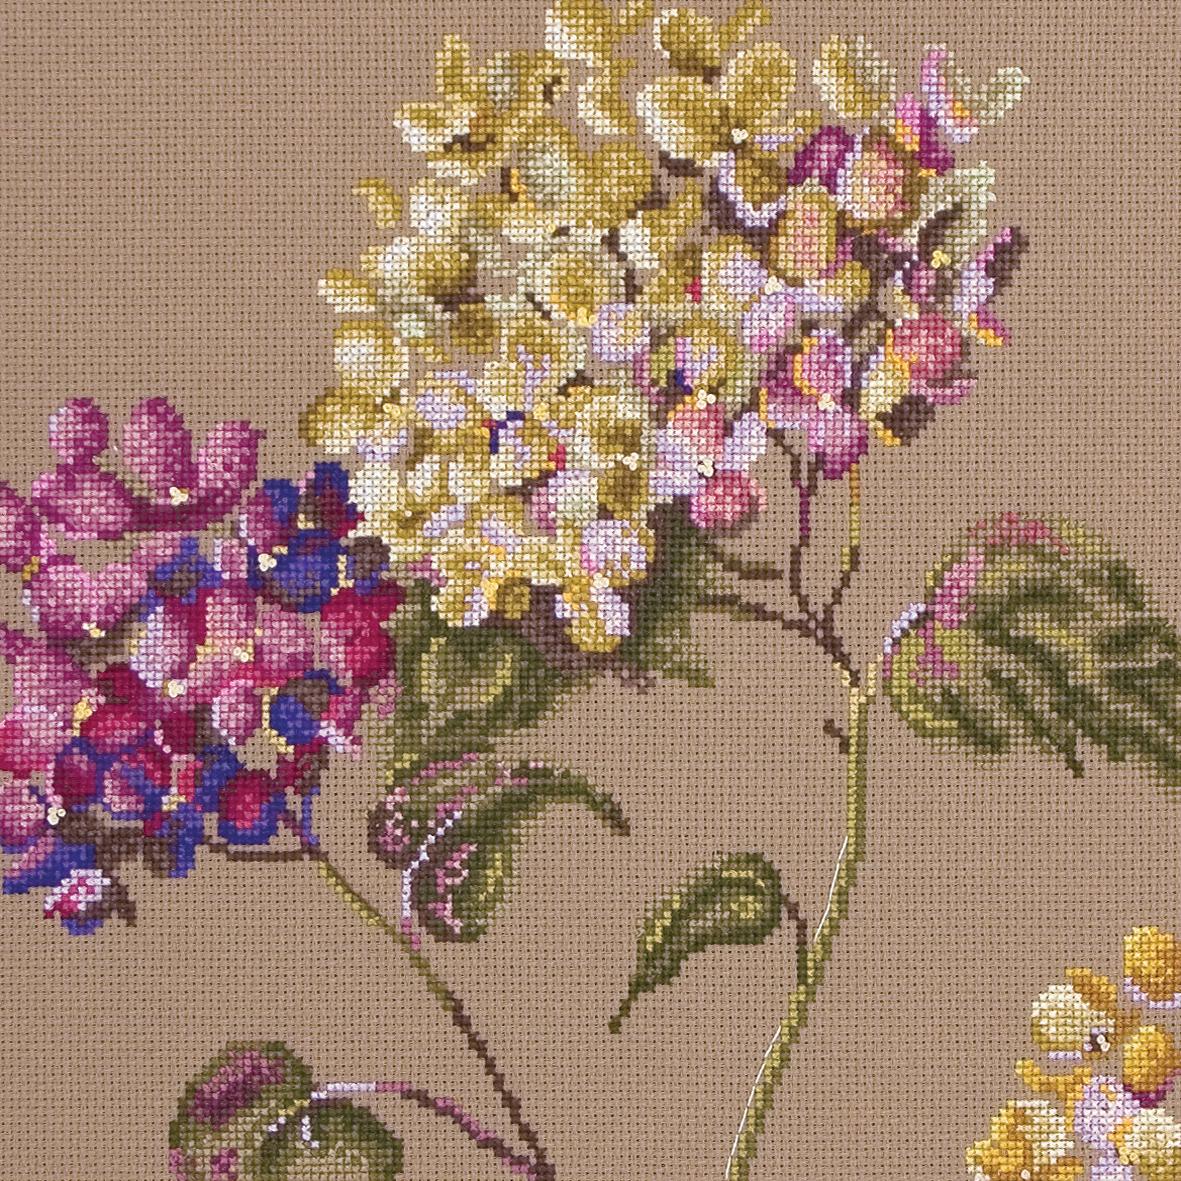 Набор для вышивания Maia Quiet Time - Hydrangea /Тихое время-Гортезия/ 22,5*22,5см (состав: канва Aida 16, цветная схема, нитки Anchor, игла, инструкция), счетный крест, 2 дизайна в наборе5678000-01047Набор для вышивания Maia Quiet Time - Hydrangea /Тихое время-Гортезия/ 22,5*22,5см (состав: канва Aida 16, цветная схема, нитки Anchor, игла, инструкция), счетный крест, 2 дизайна в наборе